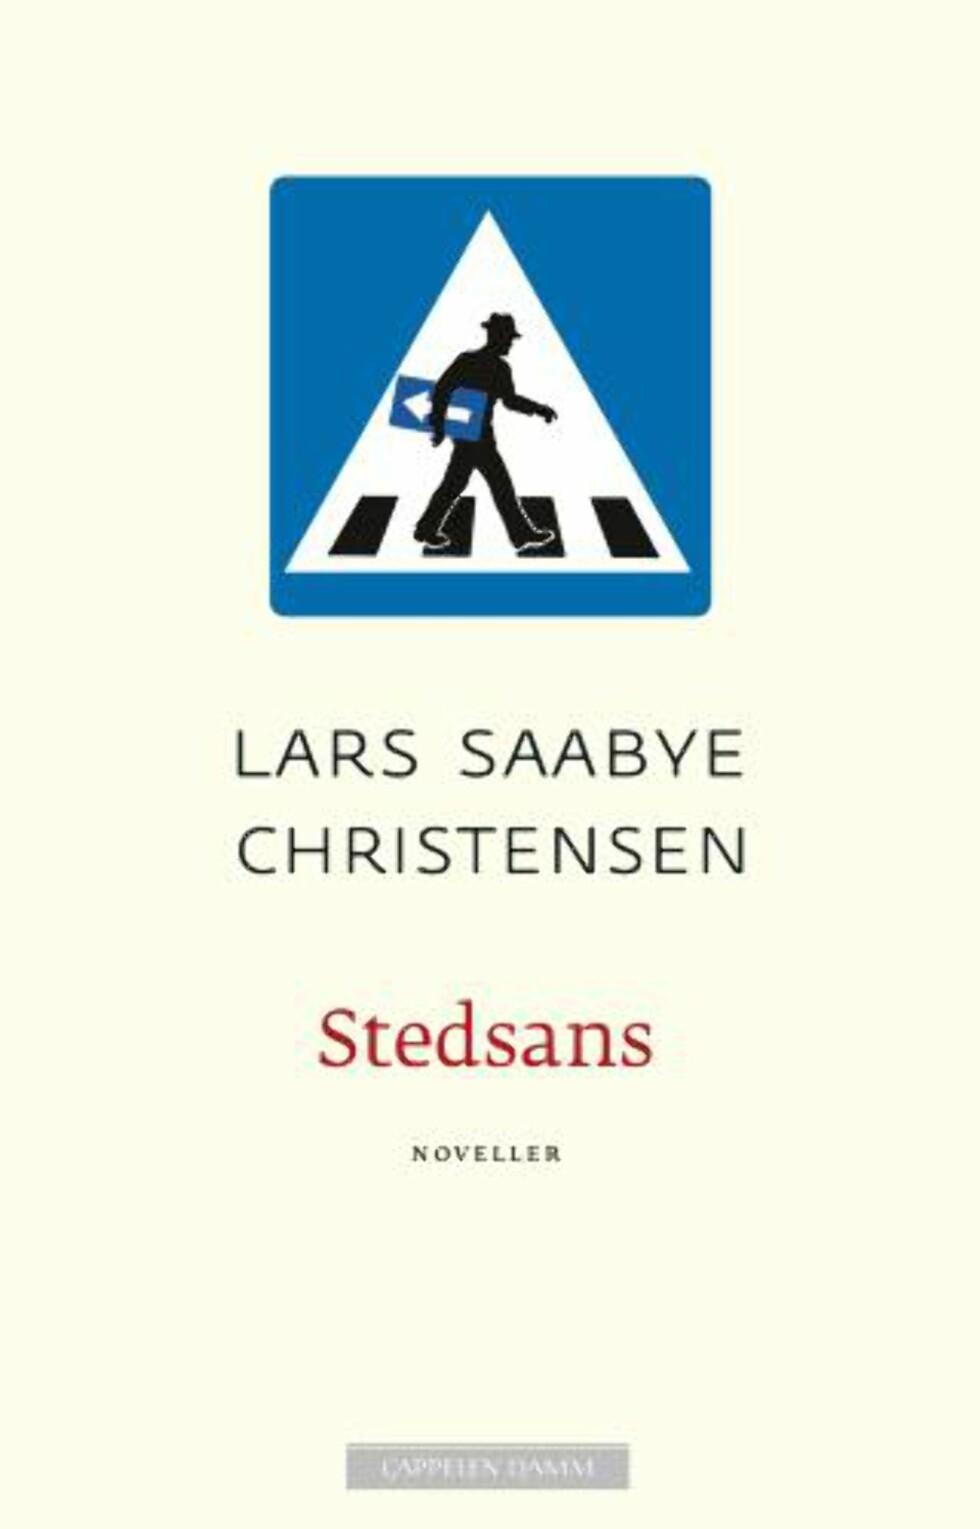 Ny novellesamling viser hvor proff og elegant han er